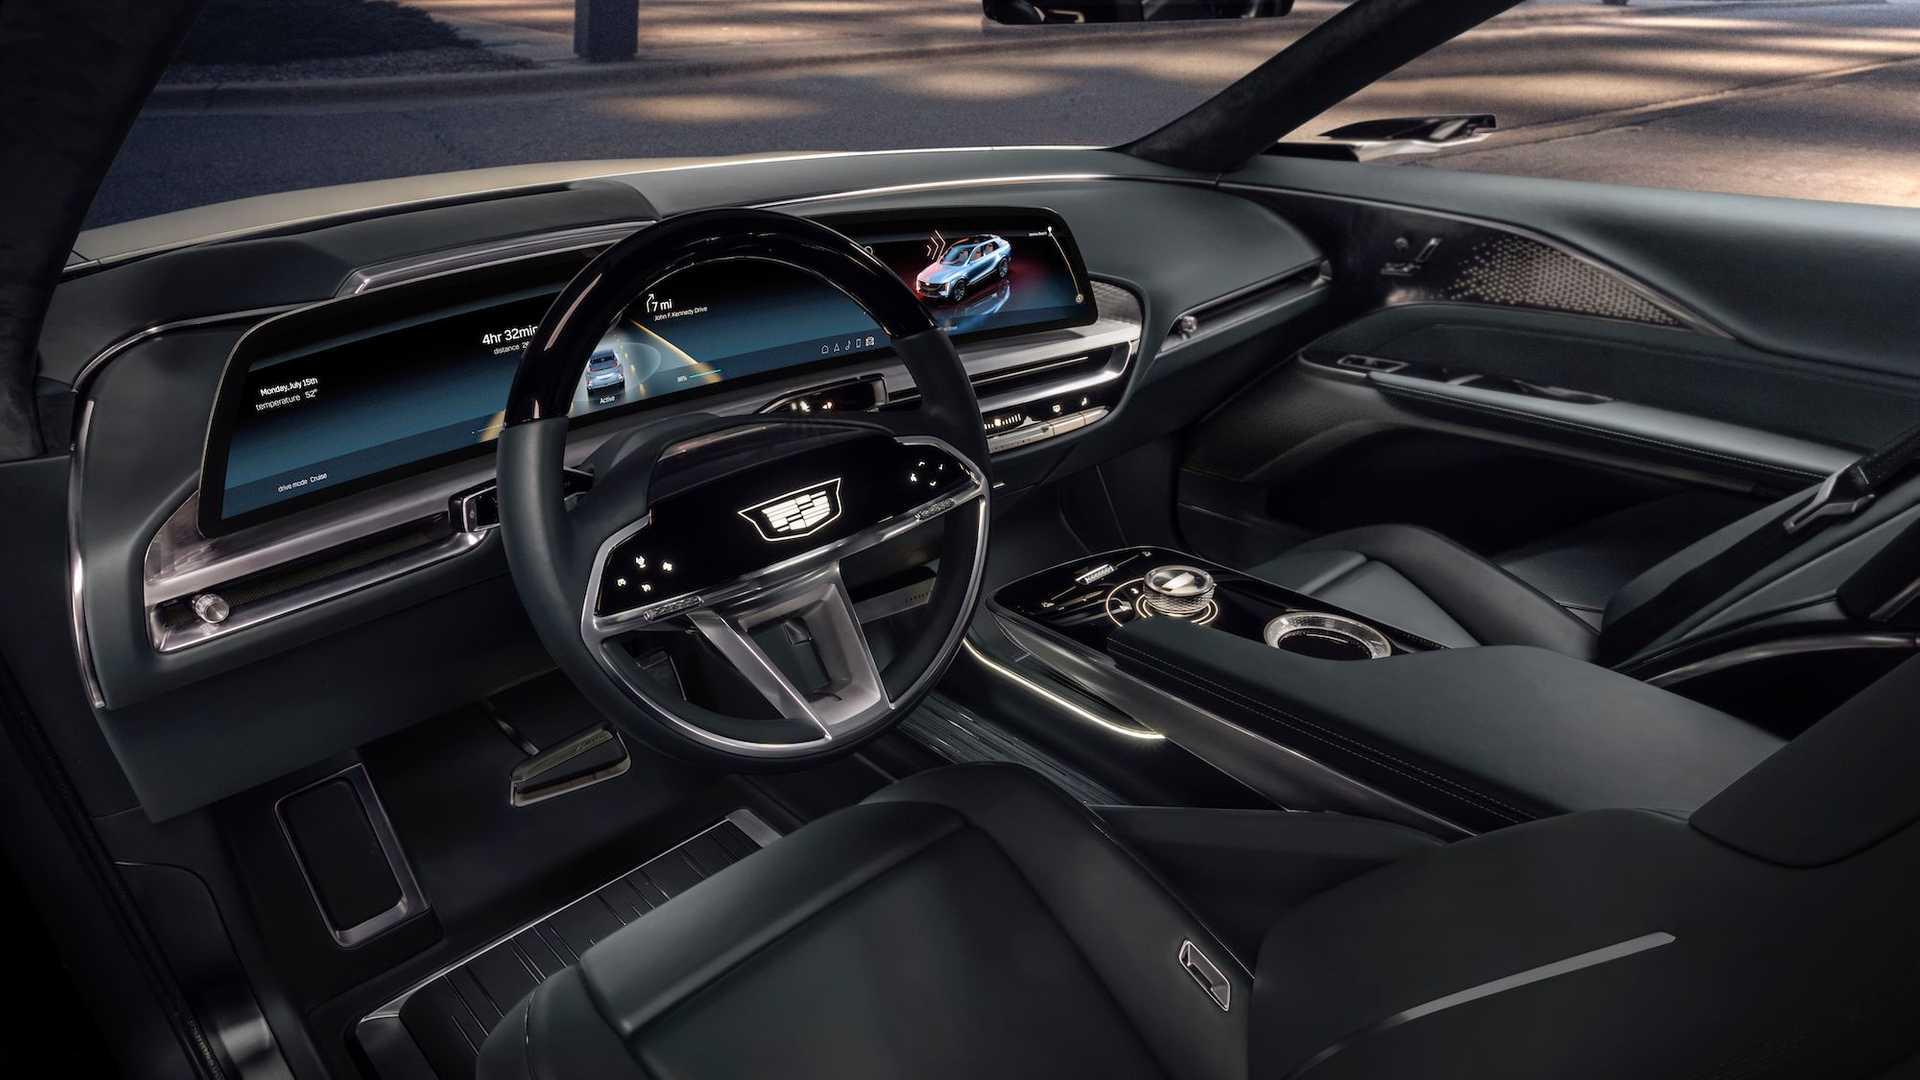 Η Cadillac μπαίνει άμεσα σε ηλεκτρική τροχιά ξεκινώντας με το Lyriq